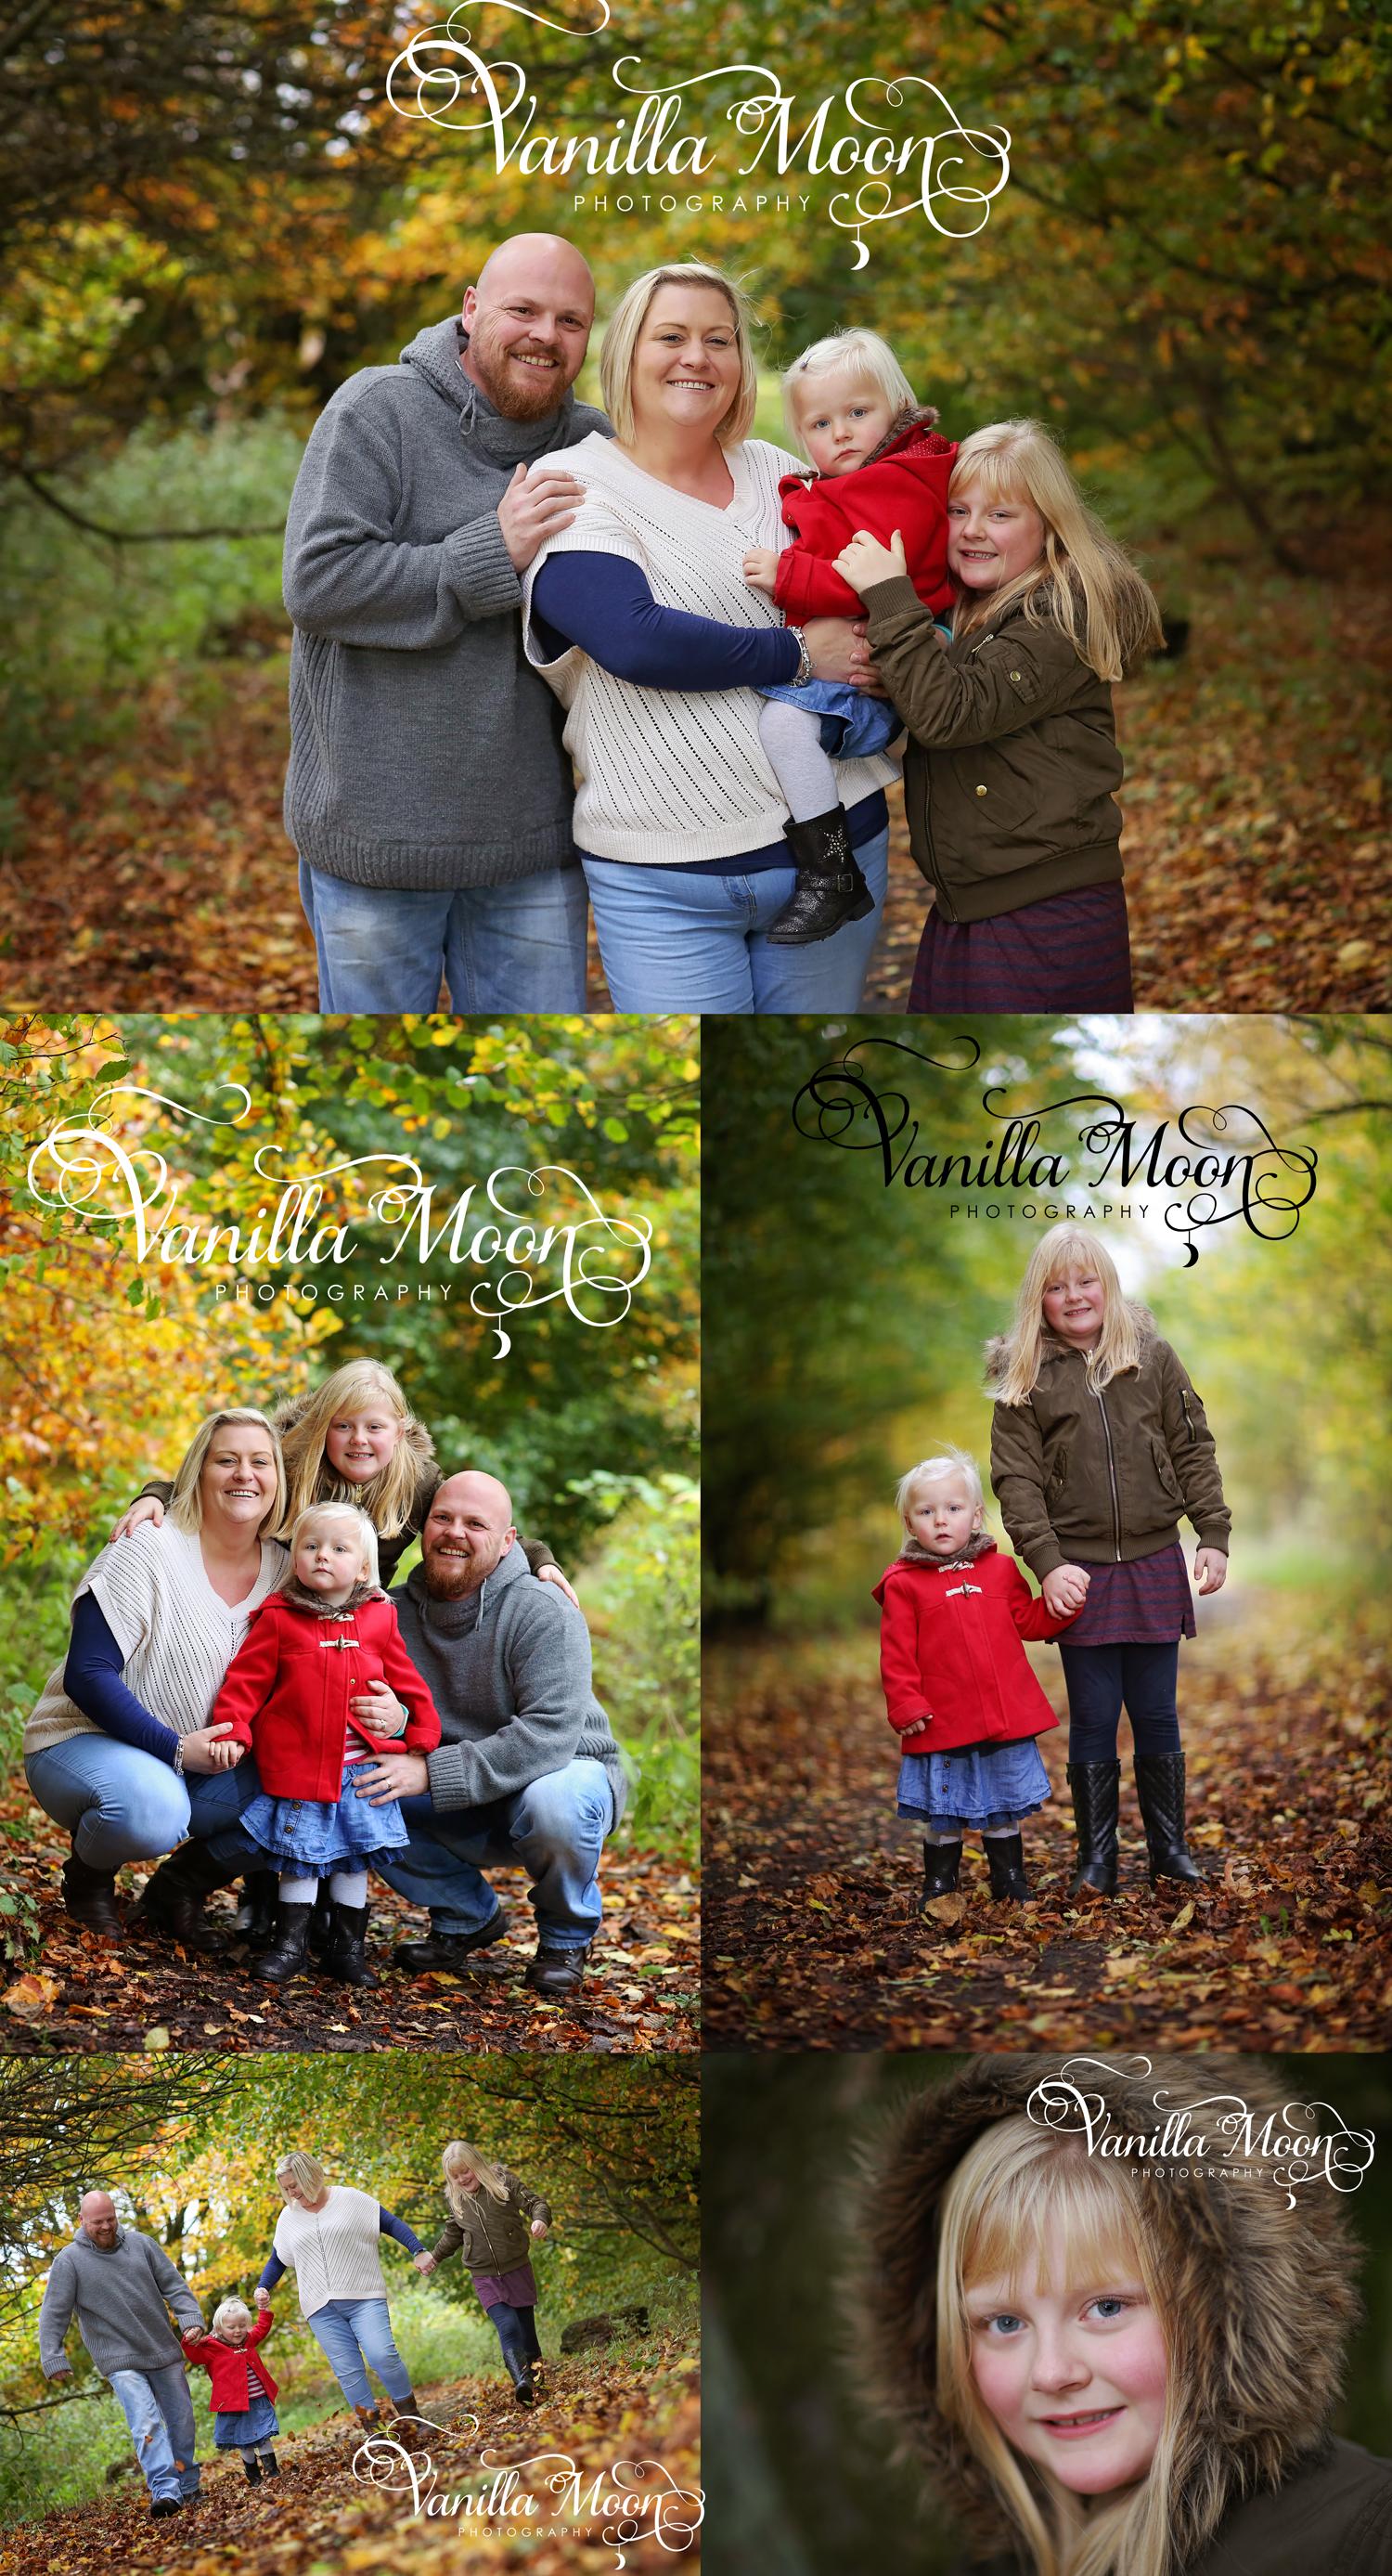 Shona autumn- winner collage.jpg